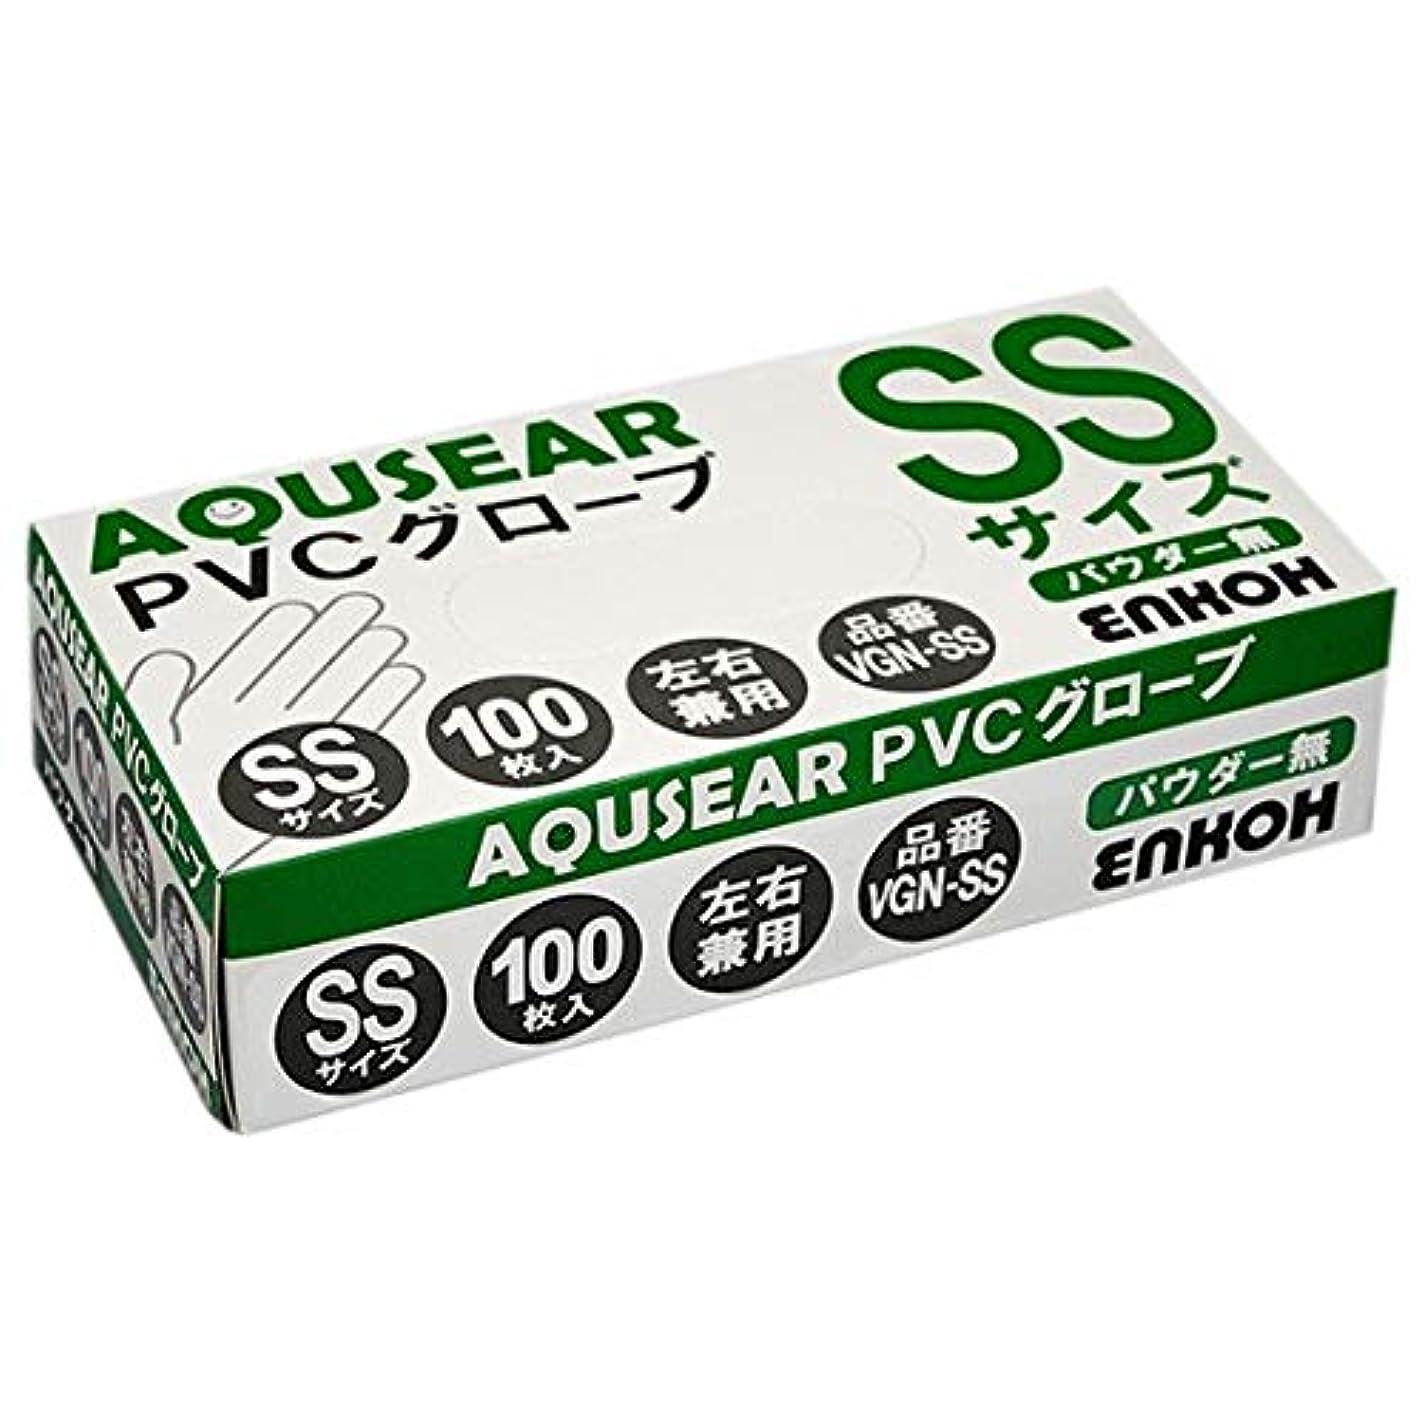 効果的エクステント無能AQUSEAR PVC プラスチックグローブ SSサイズ パウダー無 VGN-SS 100枚×20箱